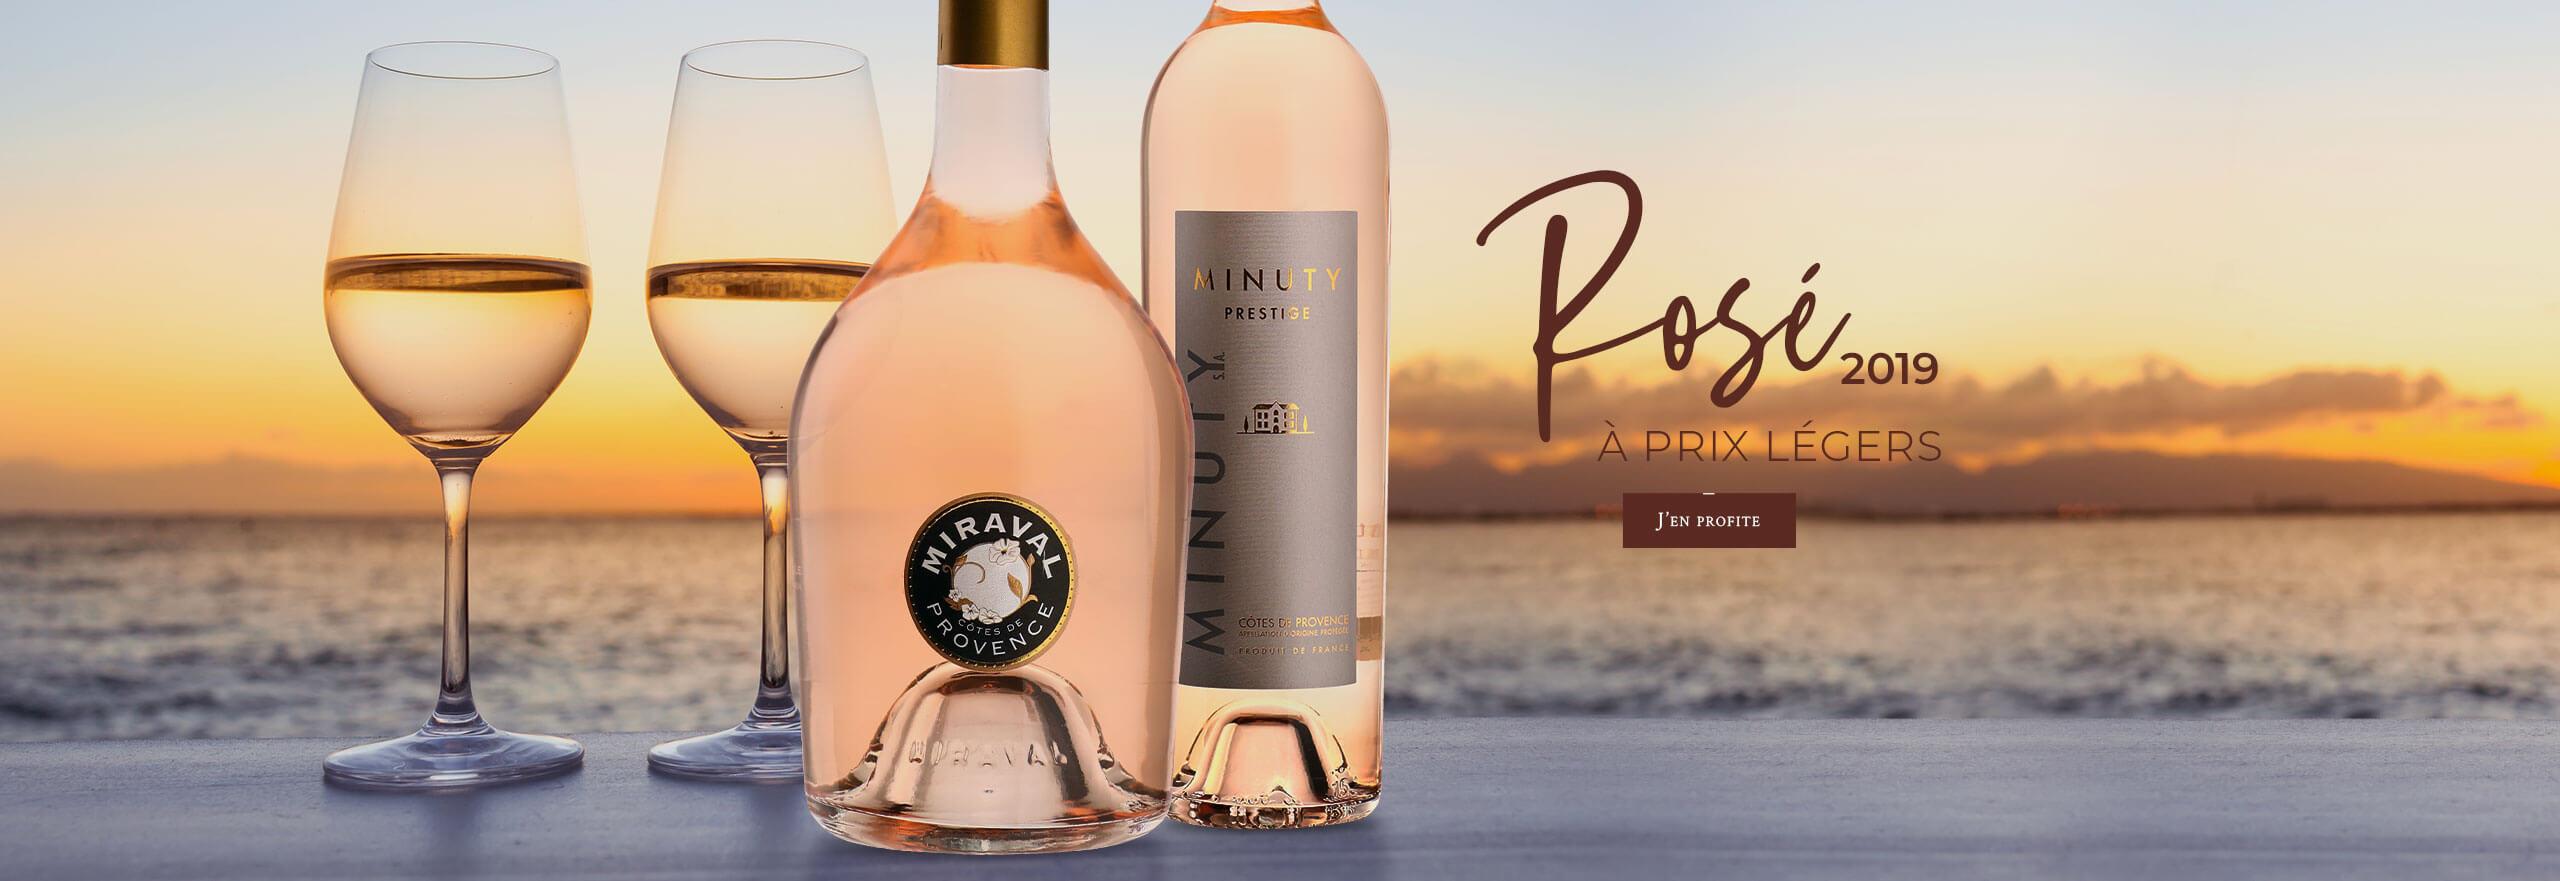 Rosé 2019 à prix légers